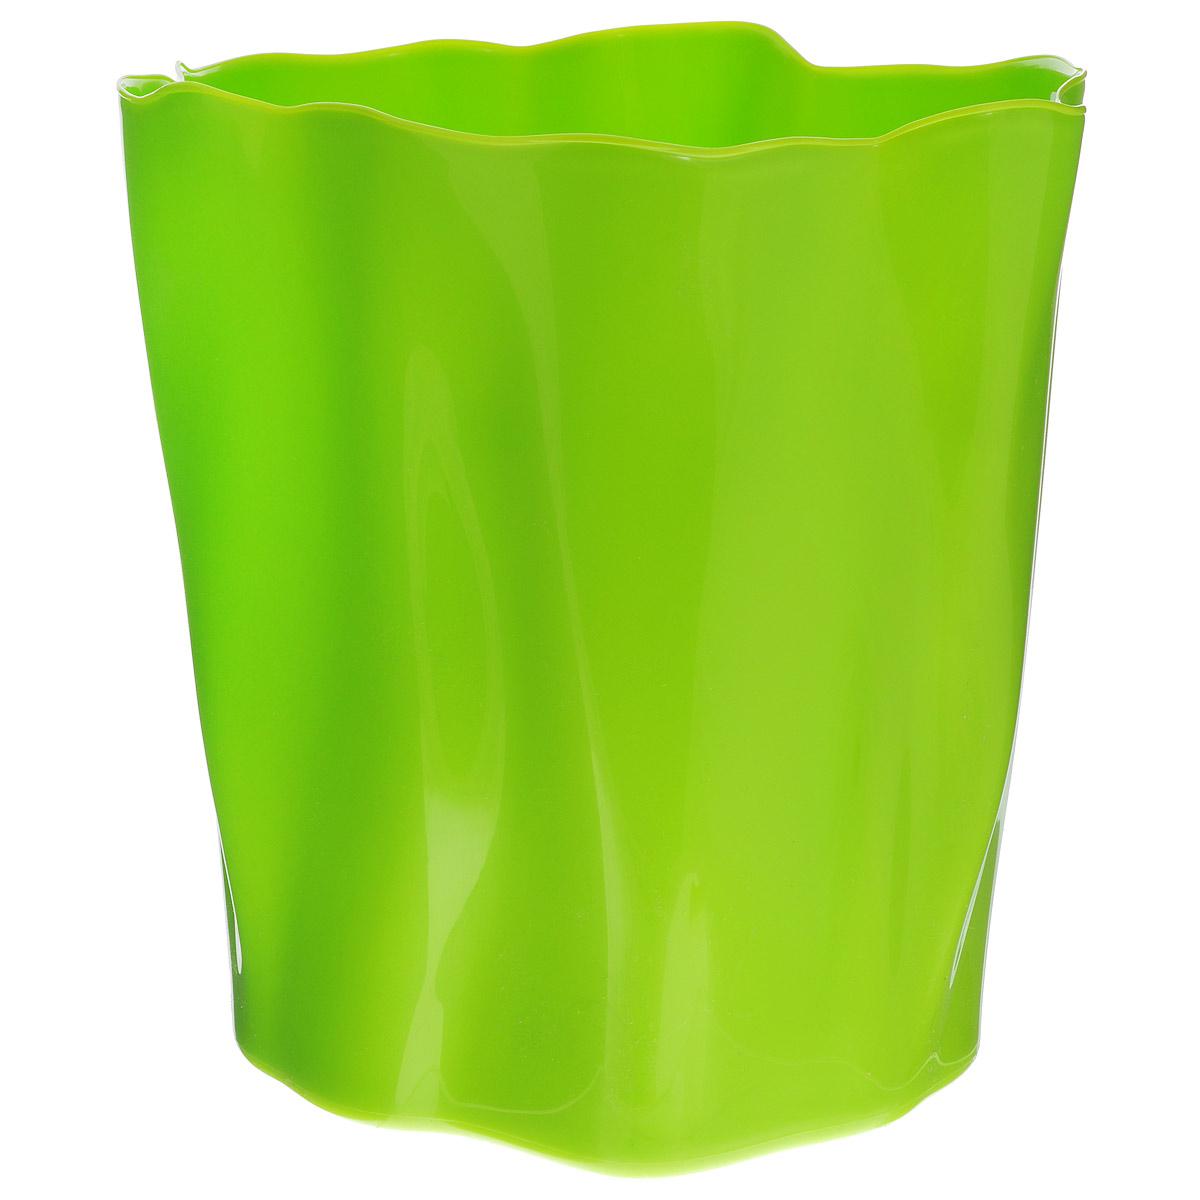 Органайзер Qualy Flow, большой, цвет: зеленый, диаметр 27 смQL10141-GNОрганайзер Qualy Flow может пригодиться на кухне, в ванной, в гостиной, на даче, на природе, в городе, в деревне. В него можно складывать фрукты, овощи, хлеб, кухонные приборы и аксессуары, всевозможные баночки, можно использовать органайзер как мусорную корзину, вазу. Все зависит от вашей фантазии и от хозяйственных потребностей! Пластиковый оригинальный органайзер пригодится везде!Диаметр: 27 см.Высота стенки: 28 см.